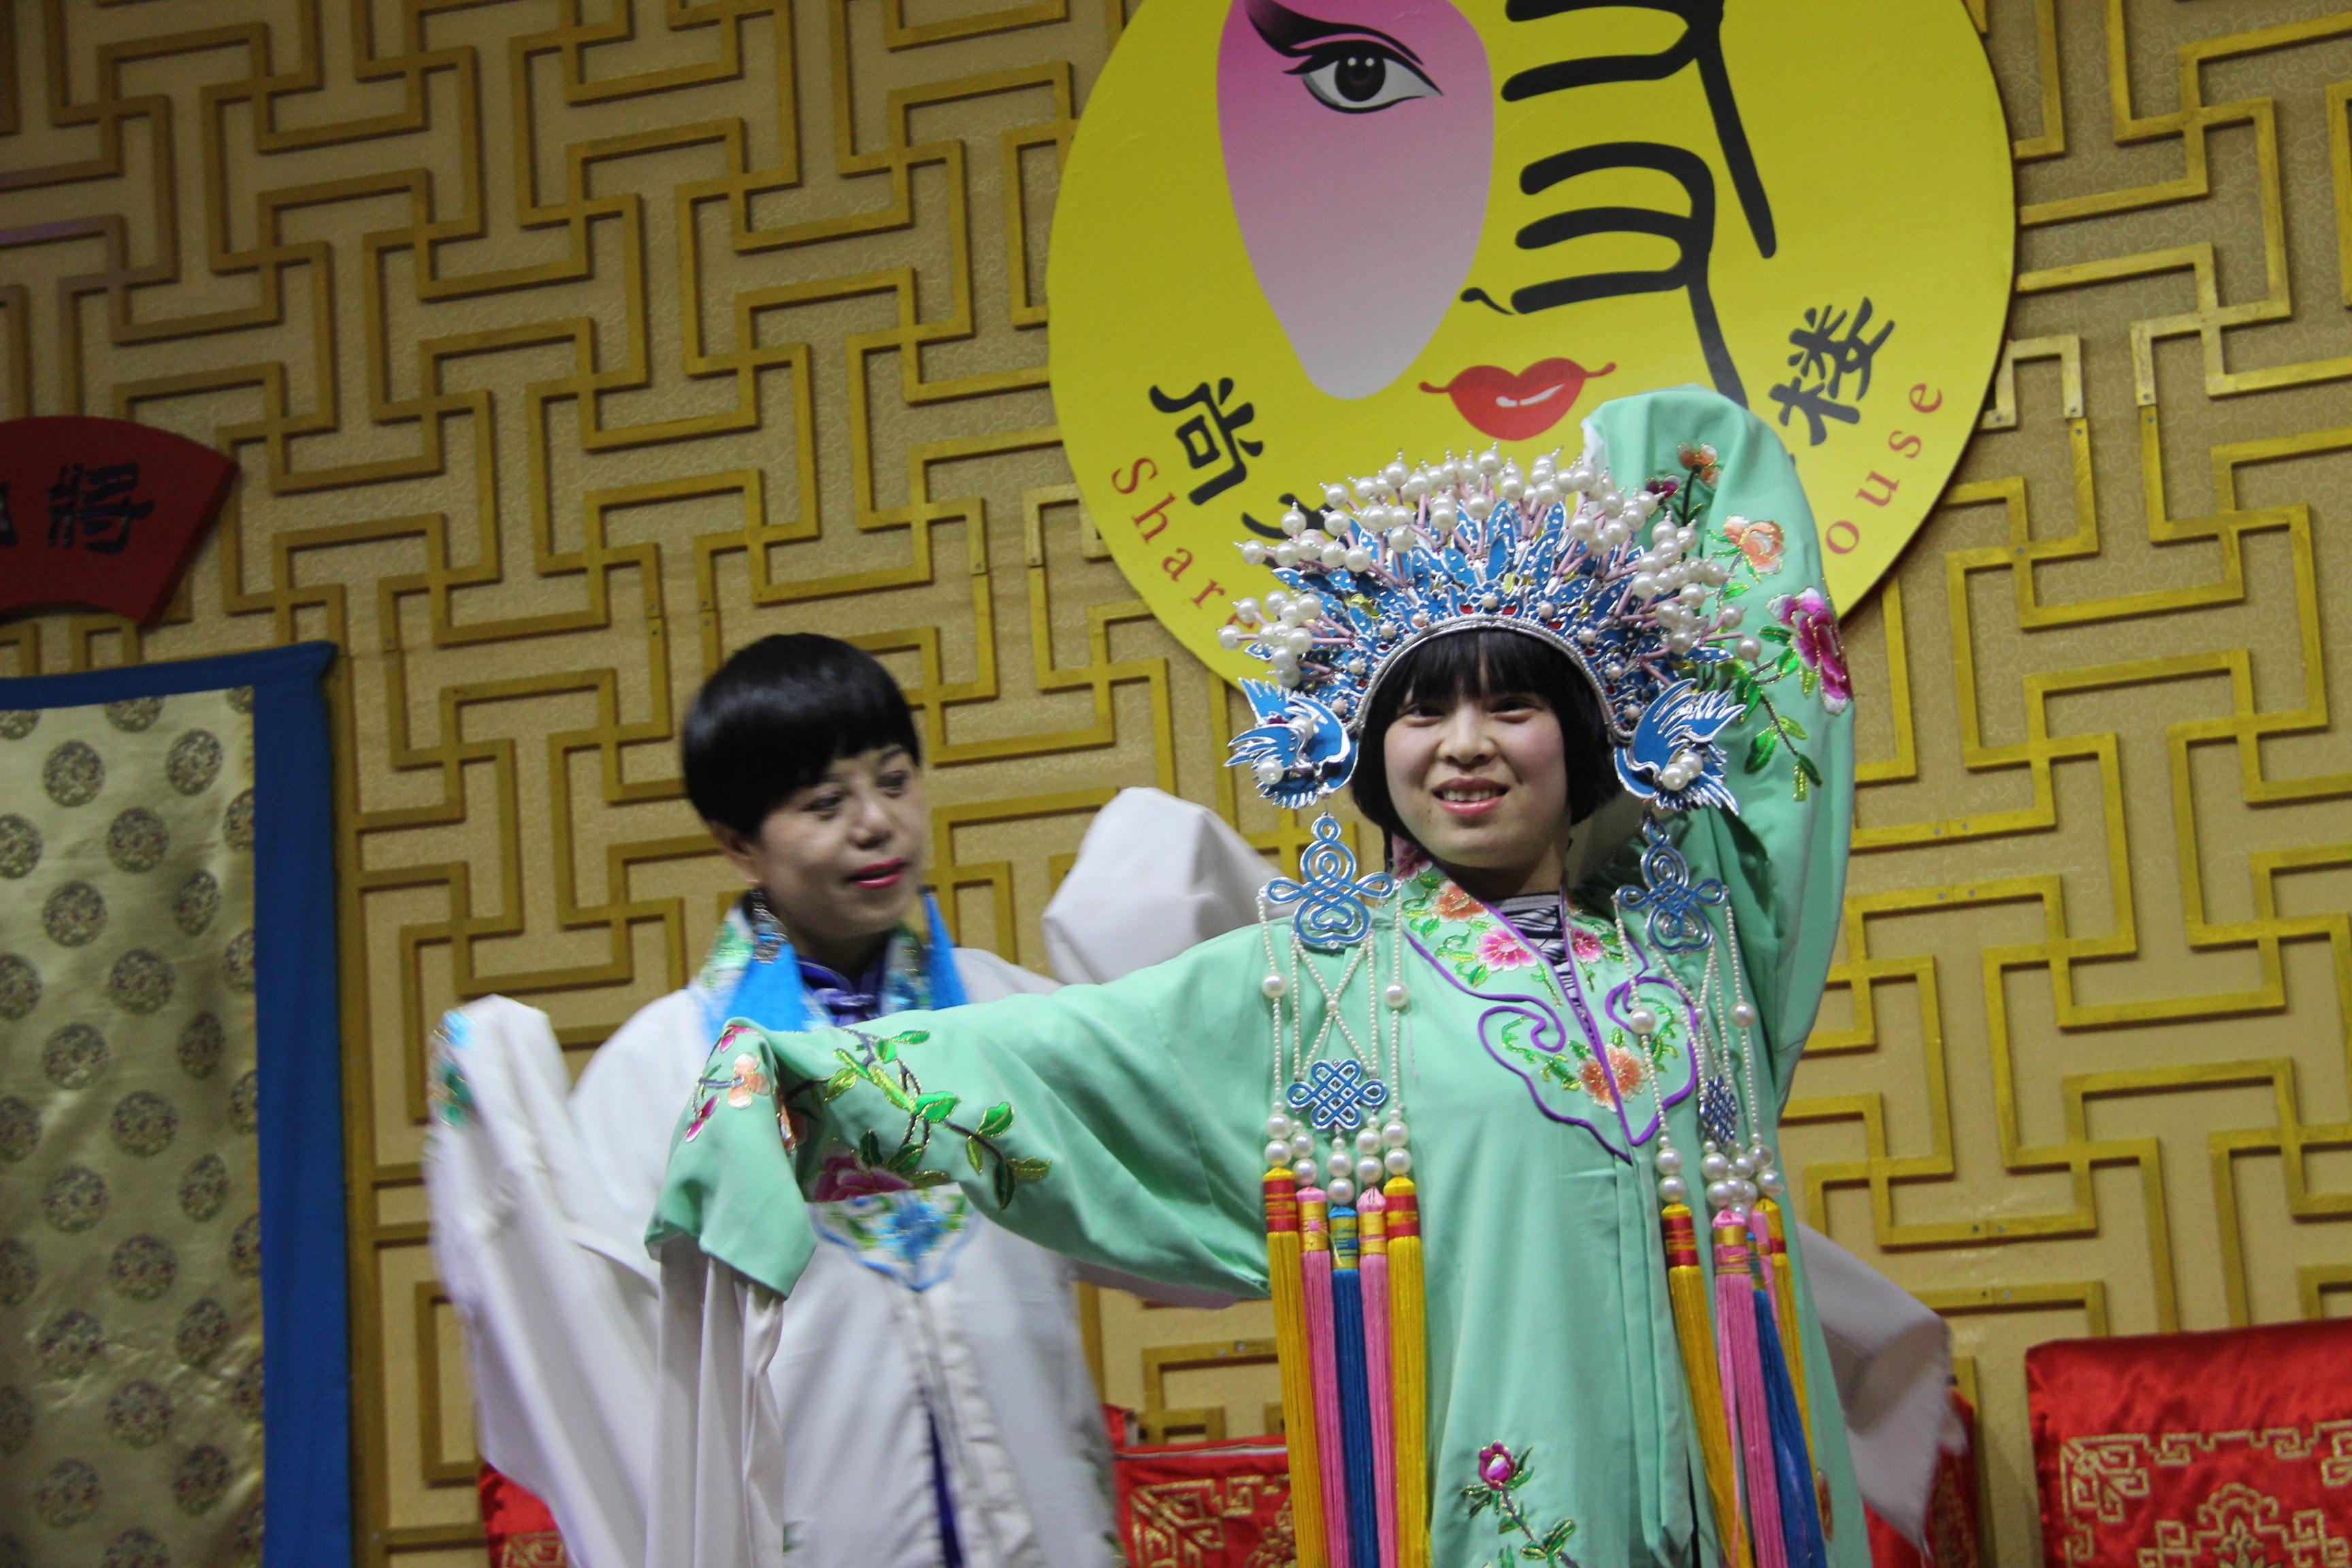 网博百家乐网,是北京百家乐网科技有限公司旗下的品牌网站,成立于2011年11月,注册资金1000万元人民币。主要以运营网页游戏、休闲交友为主的运营平台。现站内运.赛尚游戏平台 - 搜狗百科